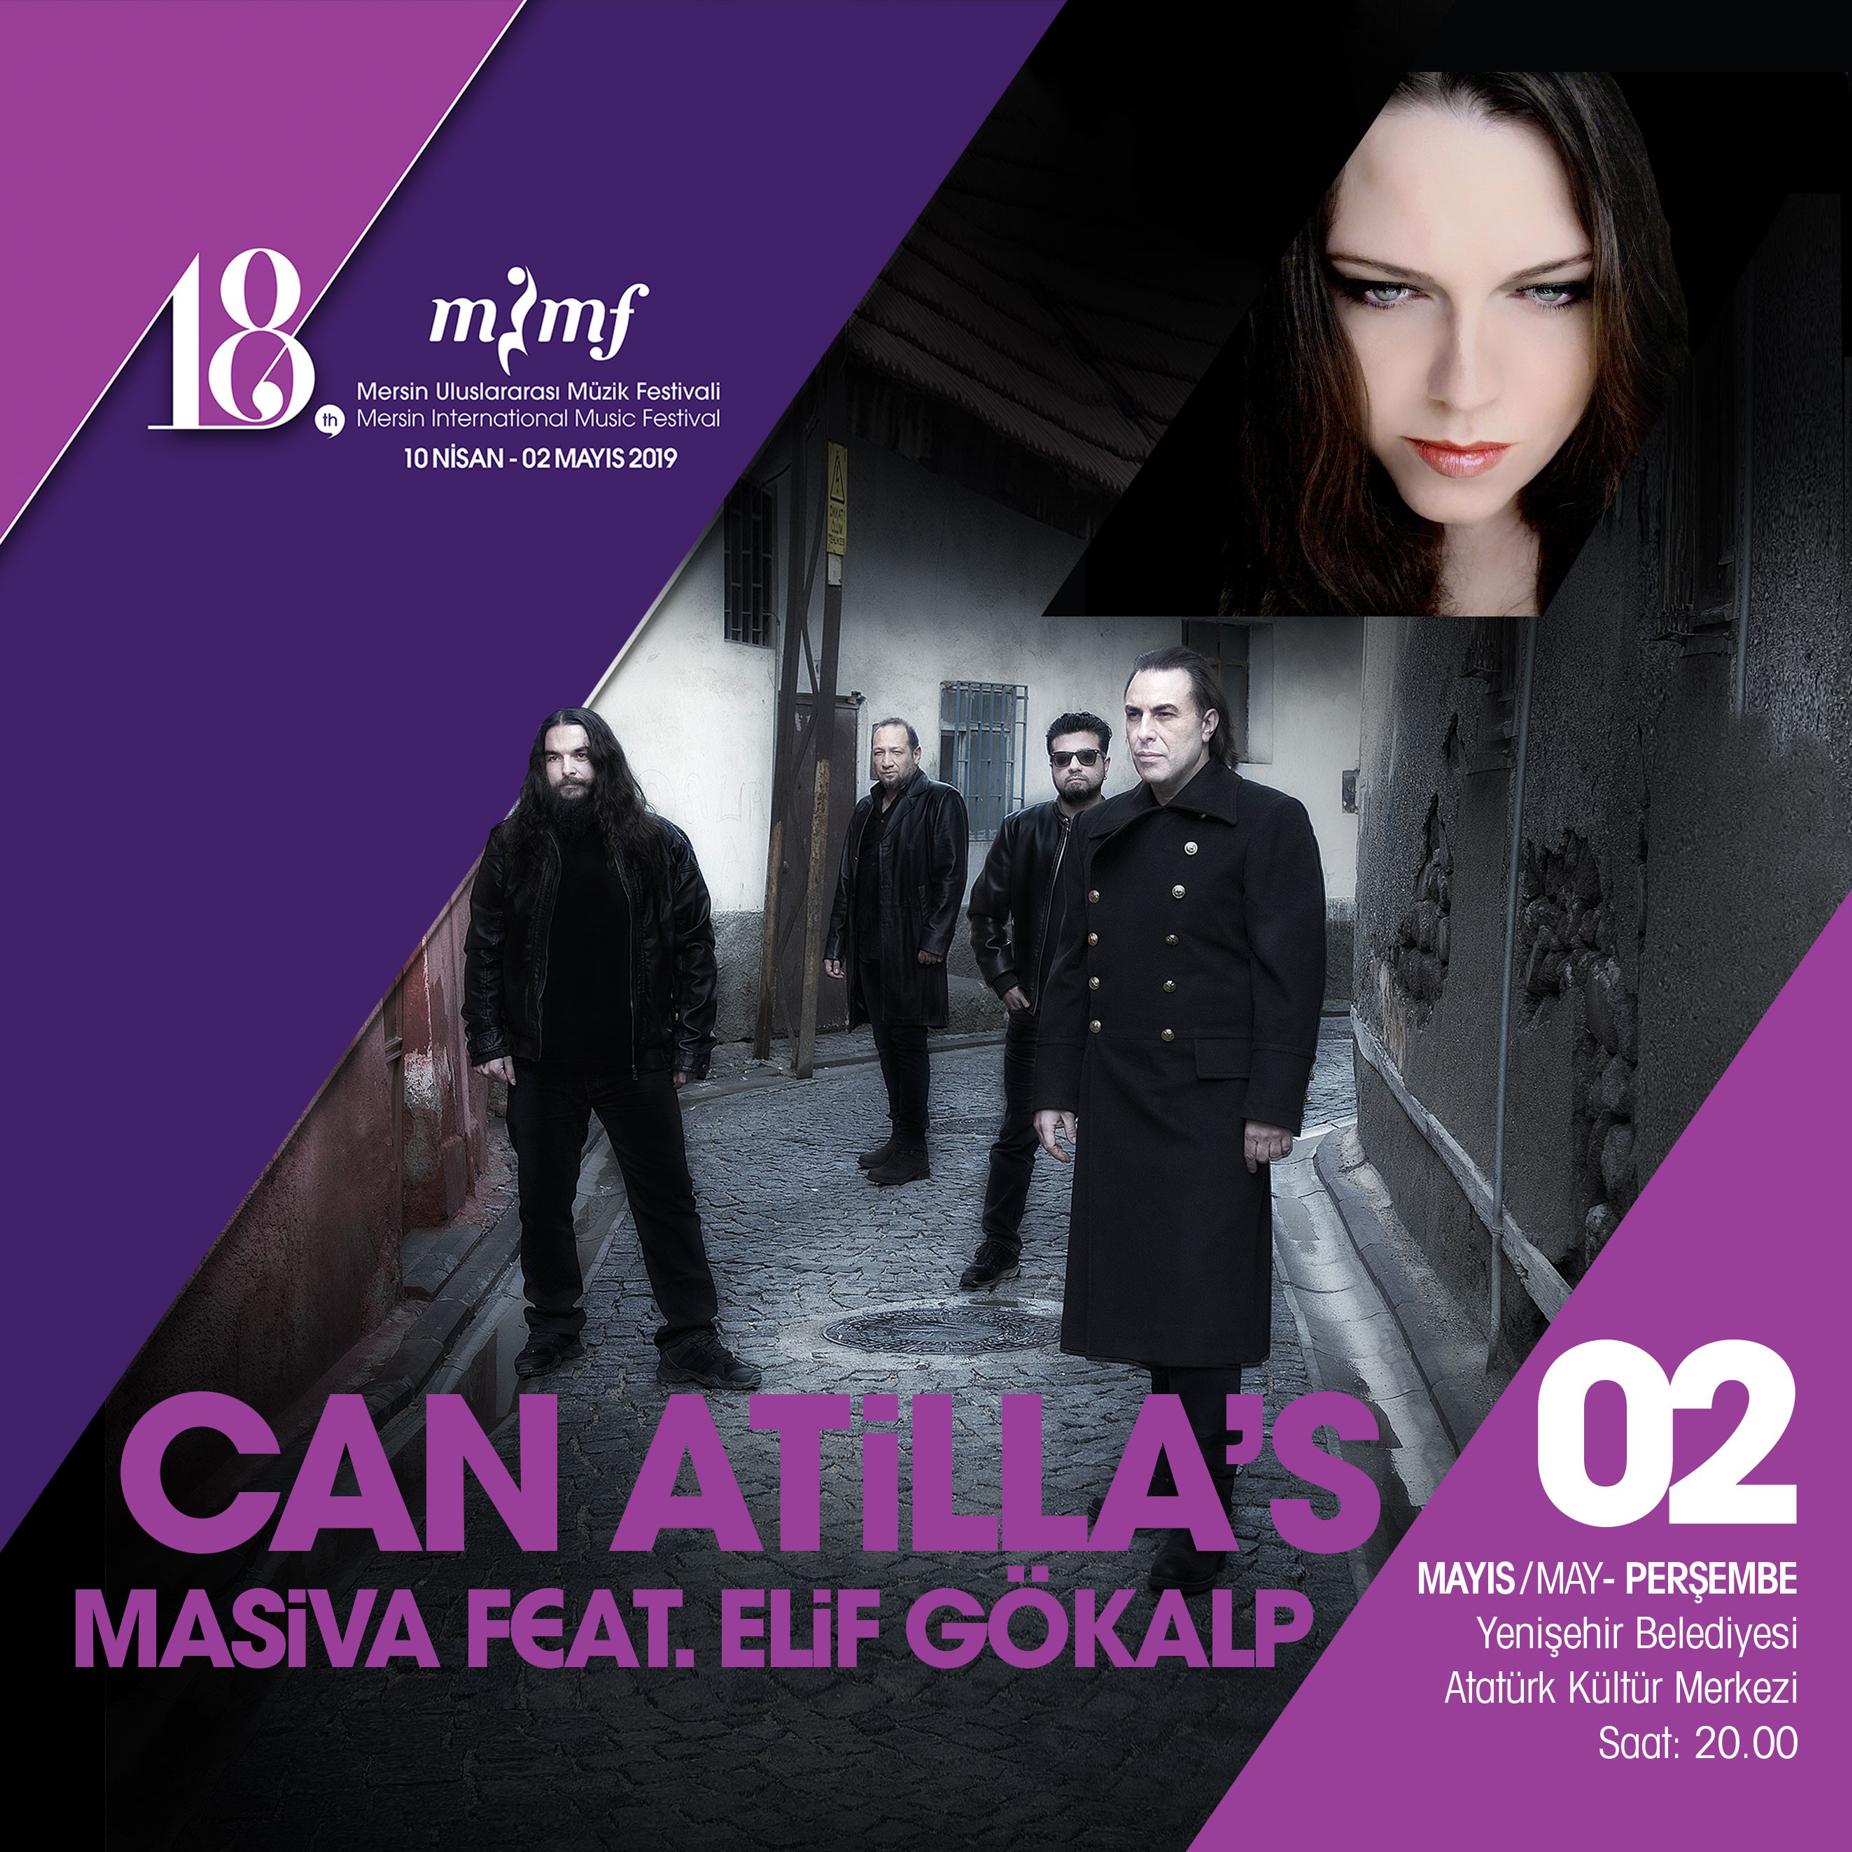 Mersin Uluslararası Müzik Festivali Festival Kapanış Konseri